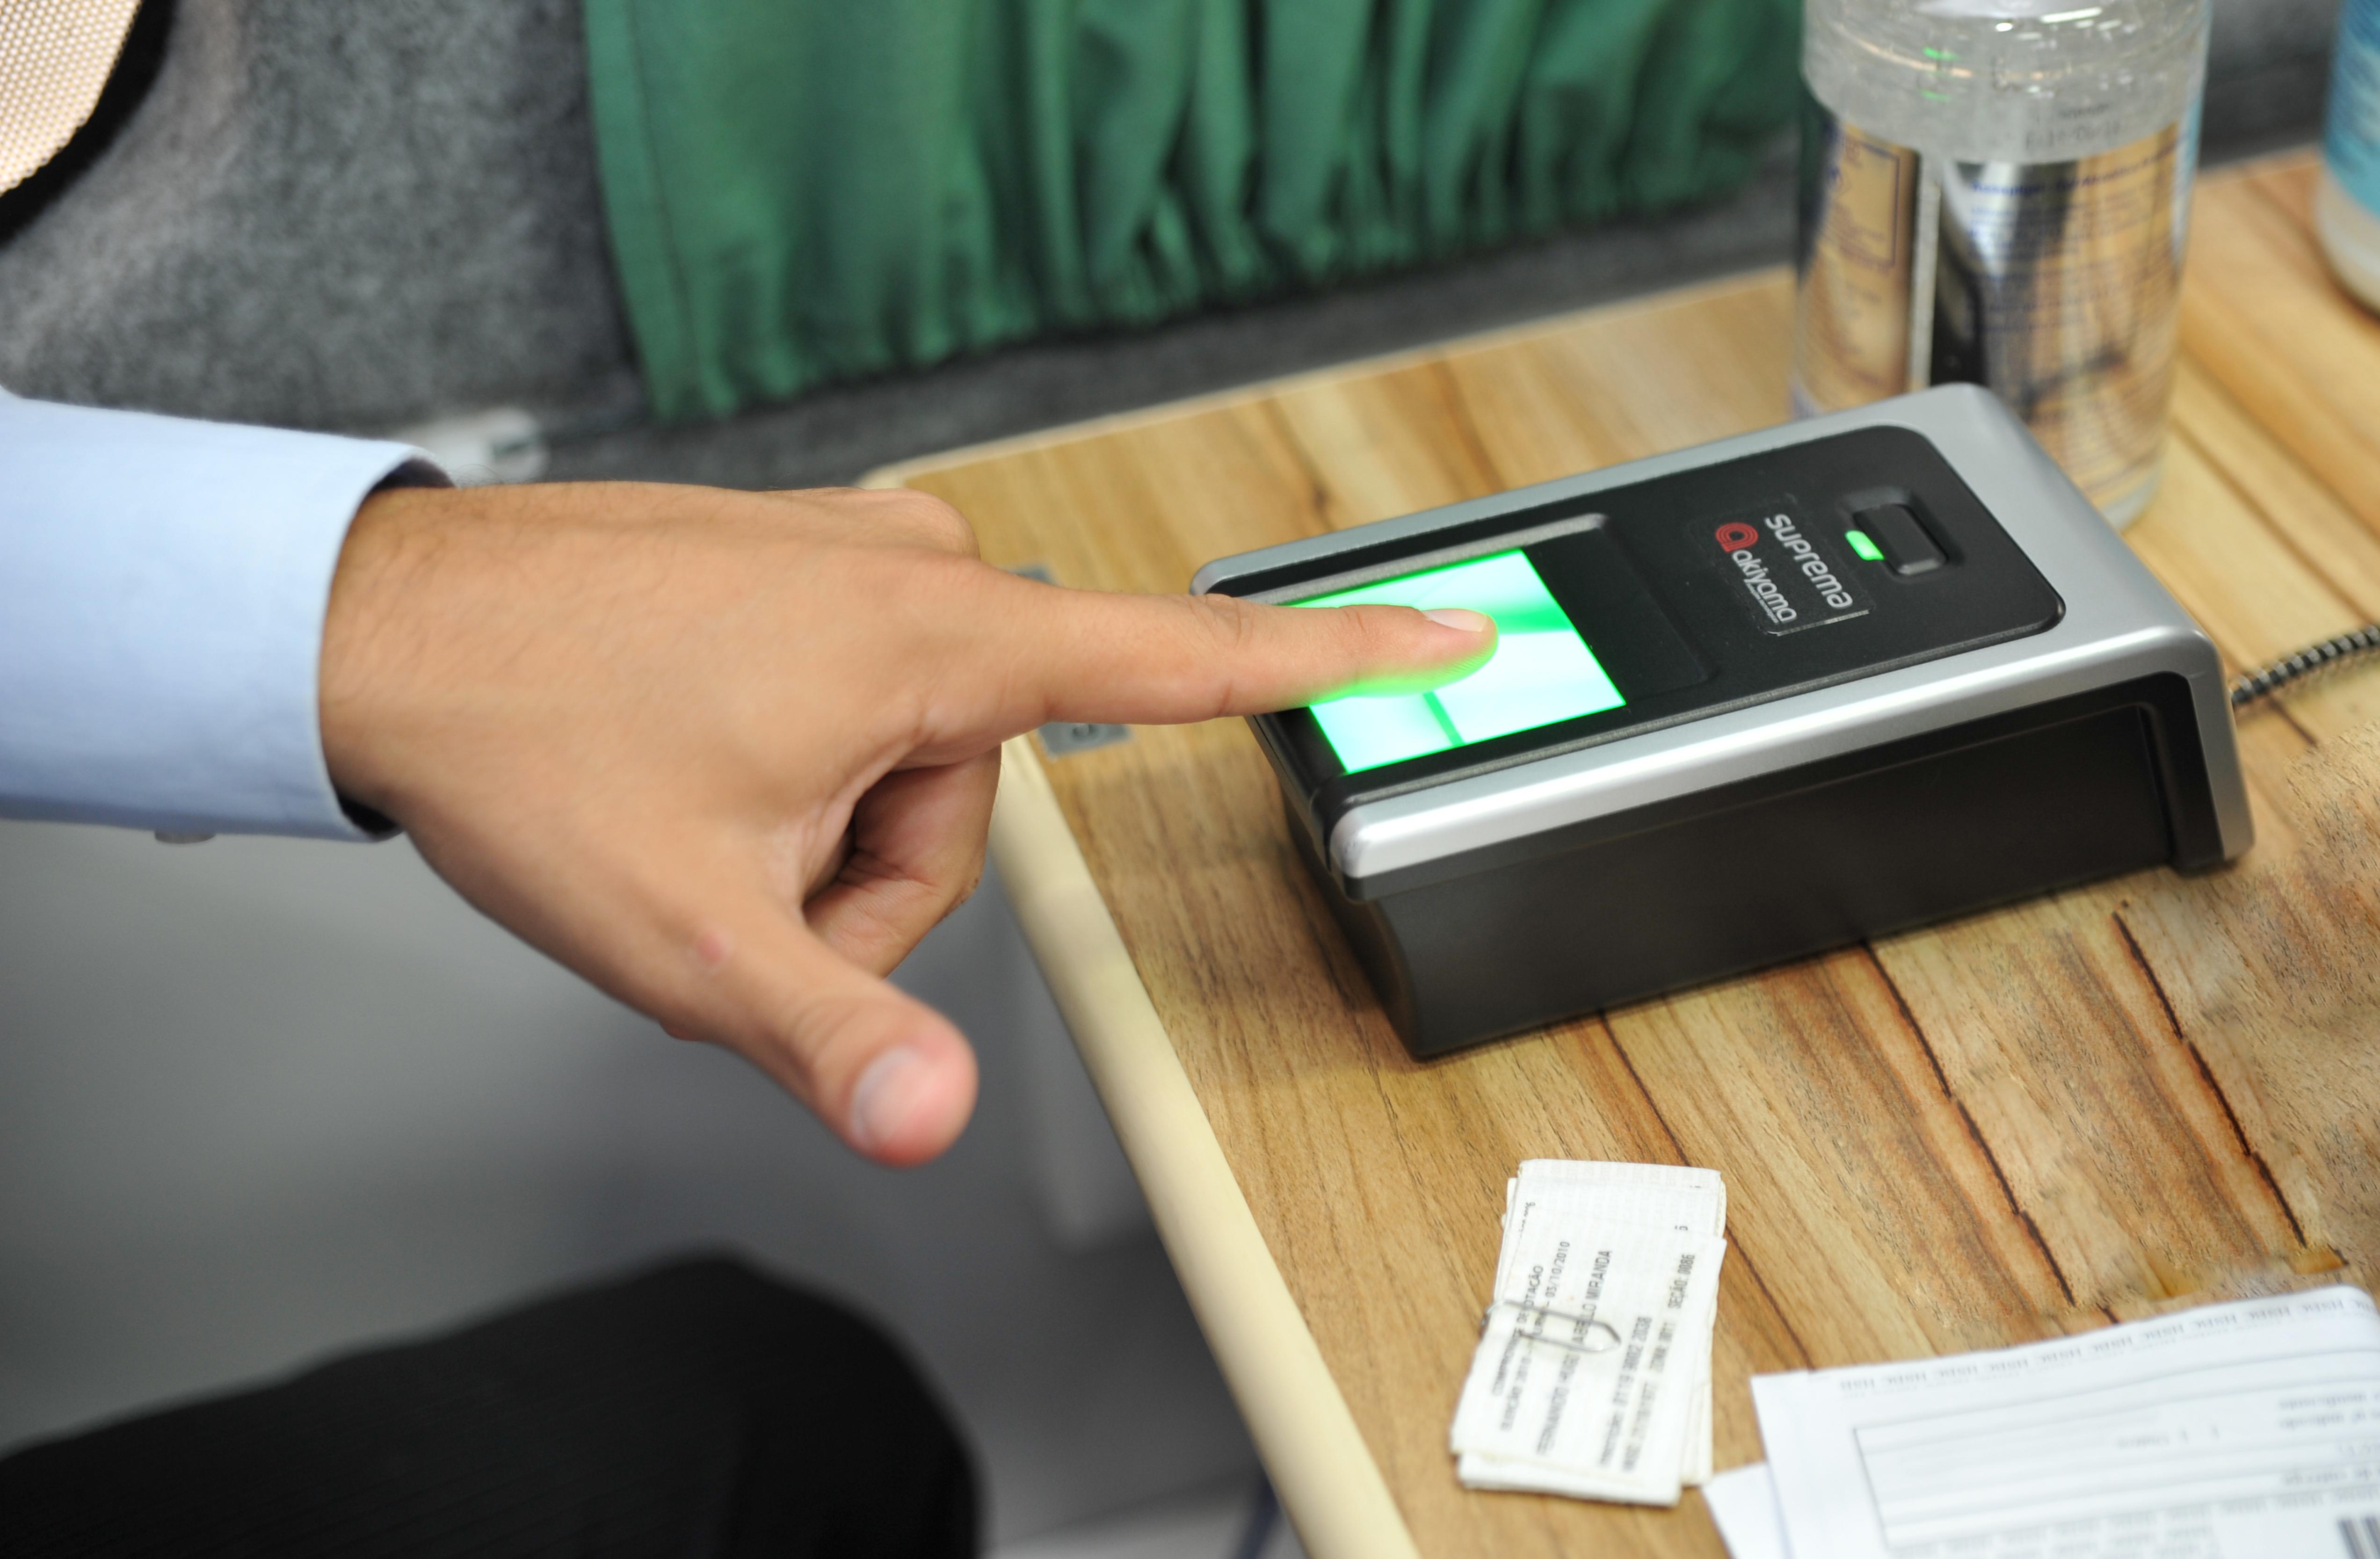 Posto móvel do Tribunal Regional Eleitoral (TRE) realiza evento para cadastramento biométrico de servidores do Congresso Nacional